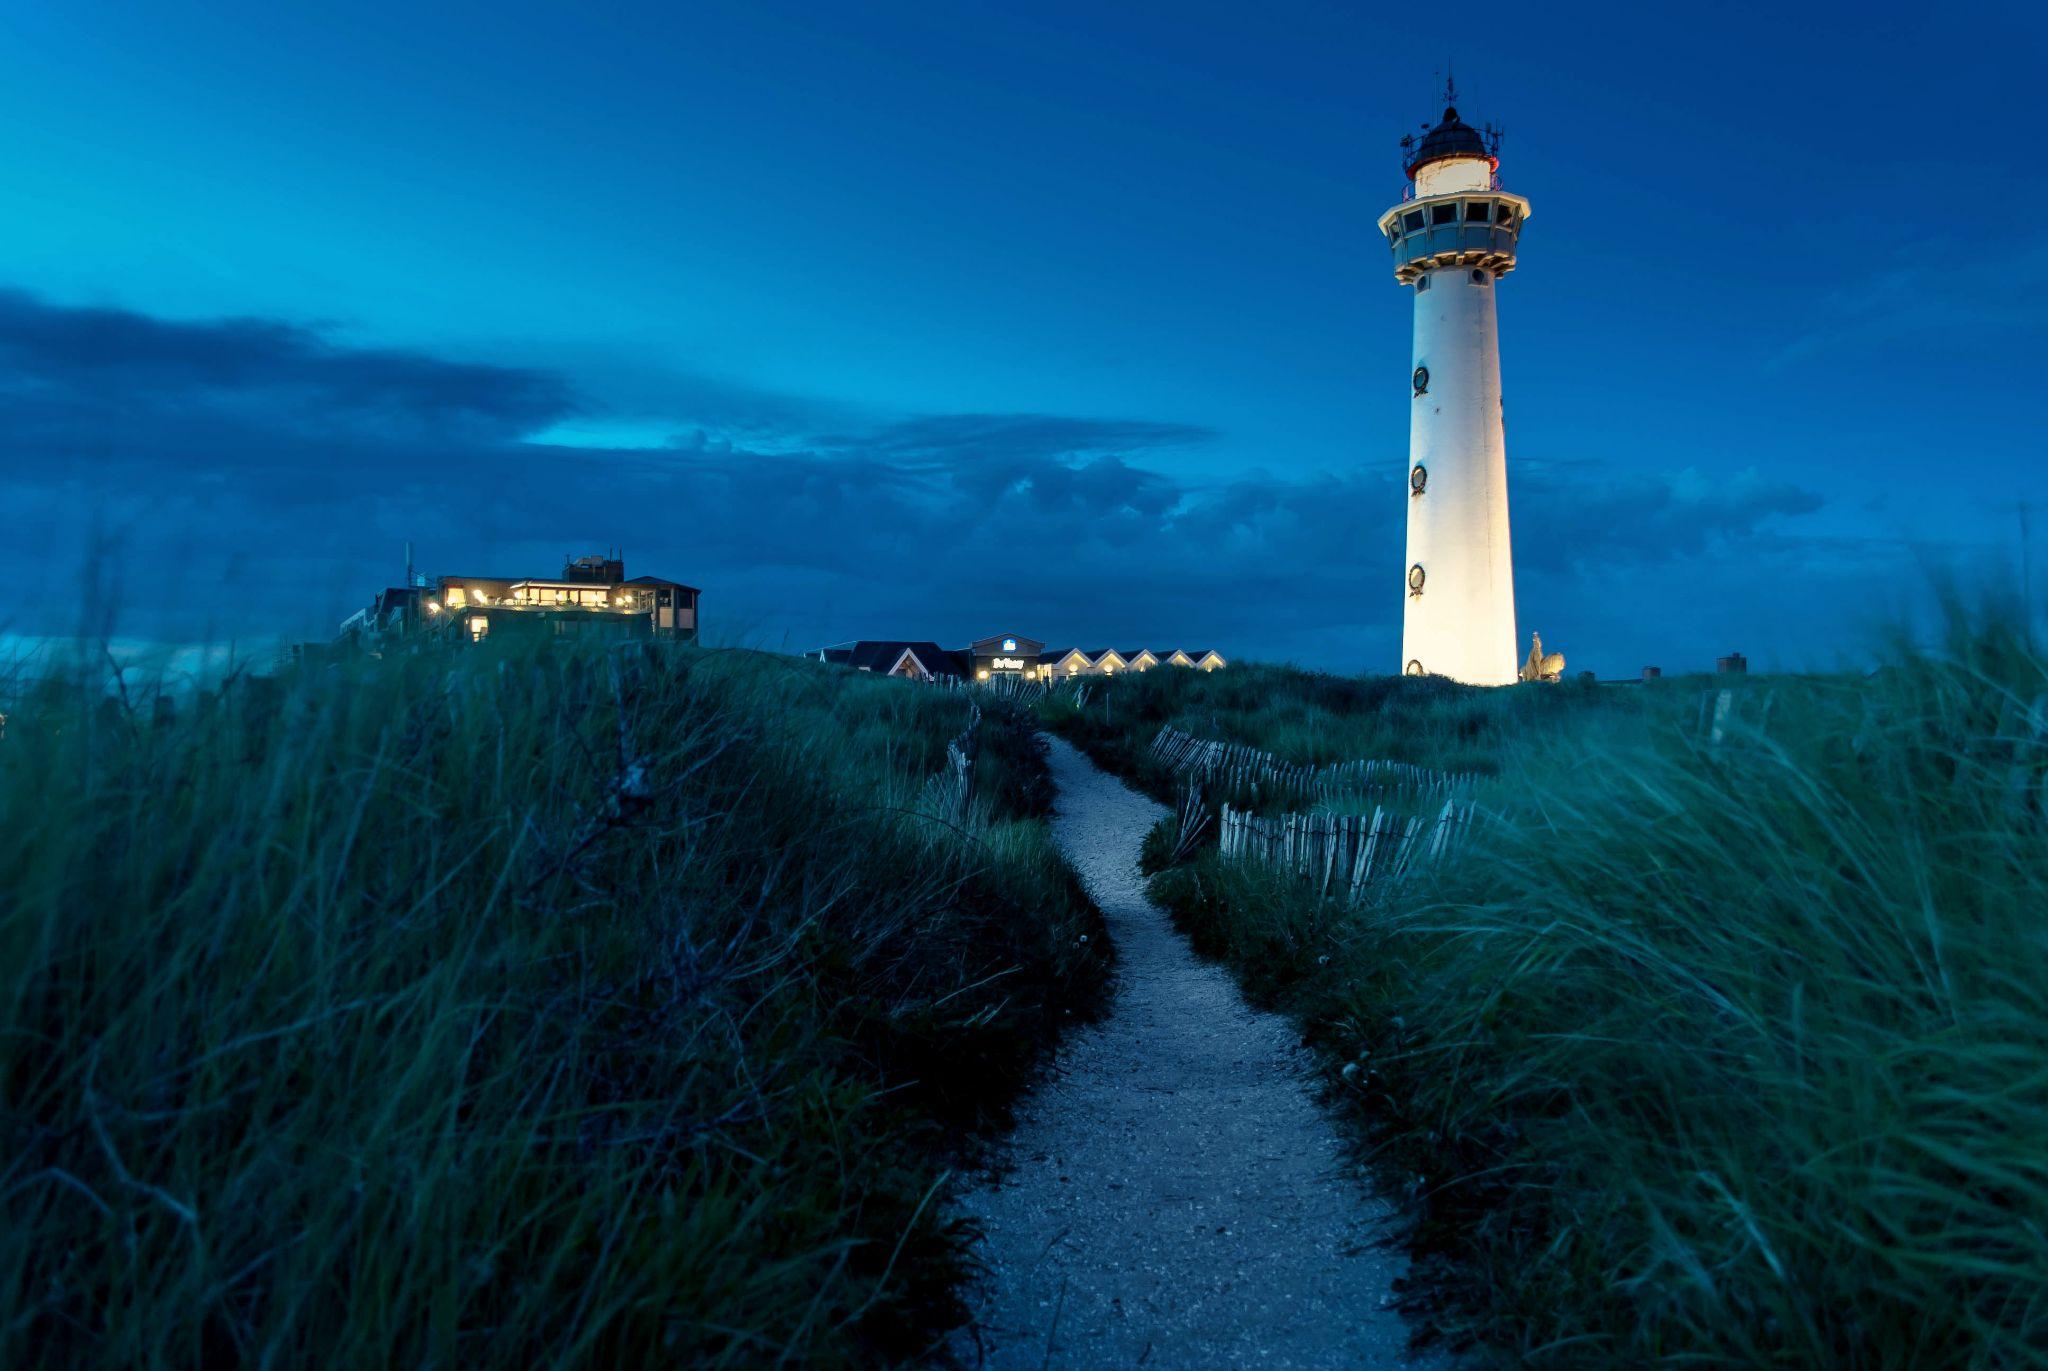 Impressions from Egmond aan Zee  by norbert.stojke